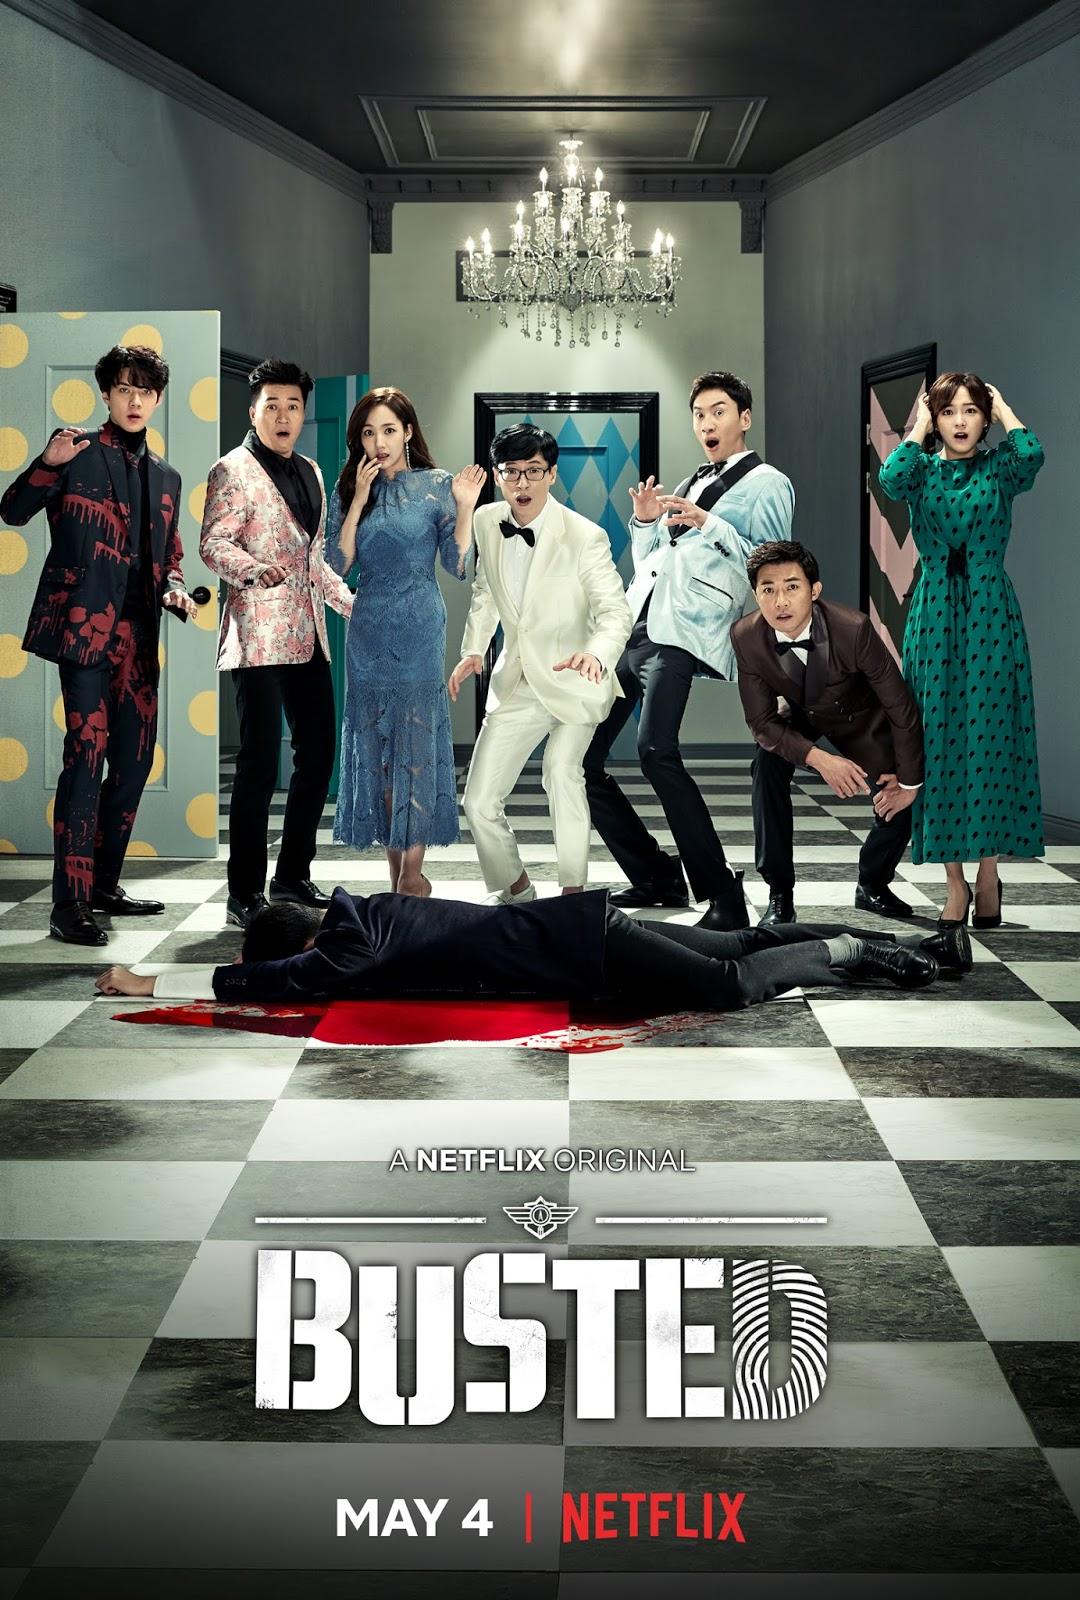 ภาพเหล่าพิธีกรหลักรายการแนวใหม่มาแรง Busted ออกอากาศทาง Netflix